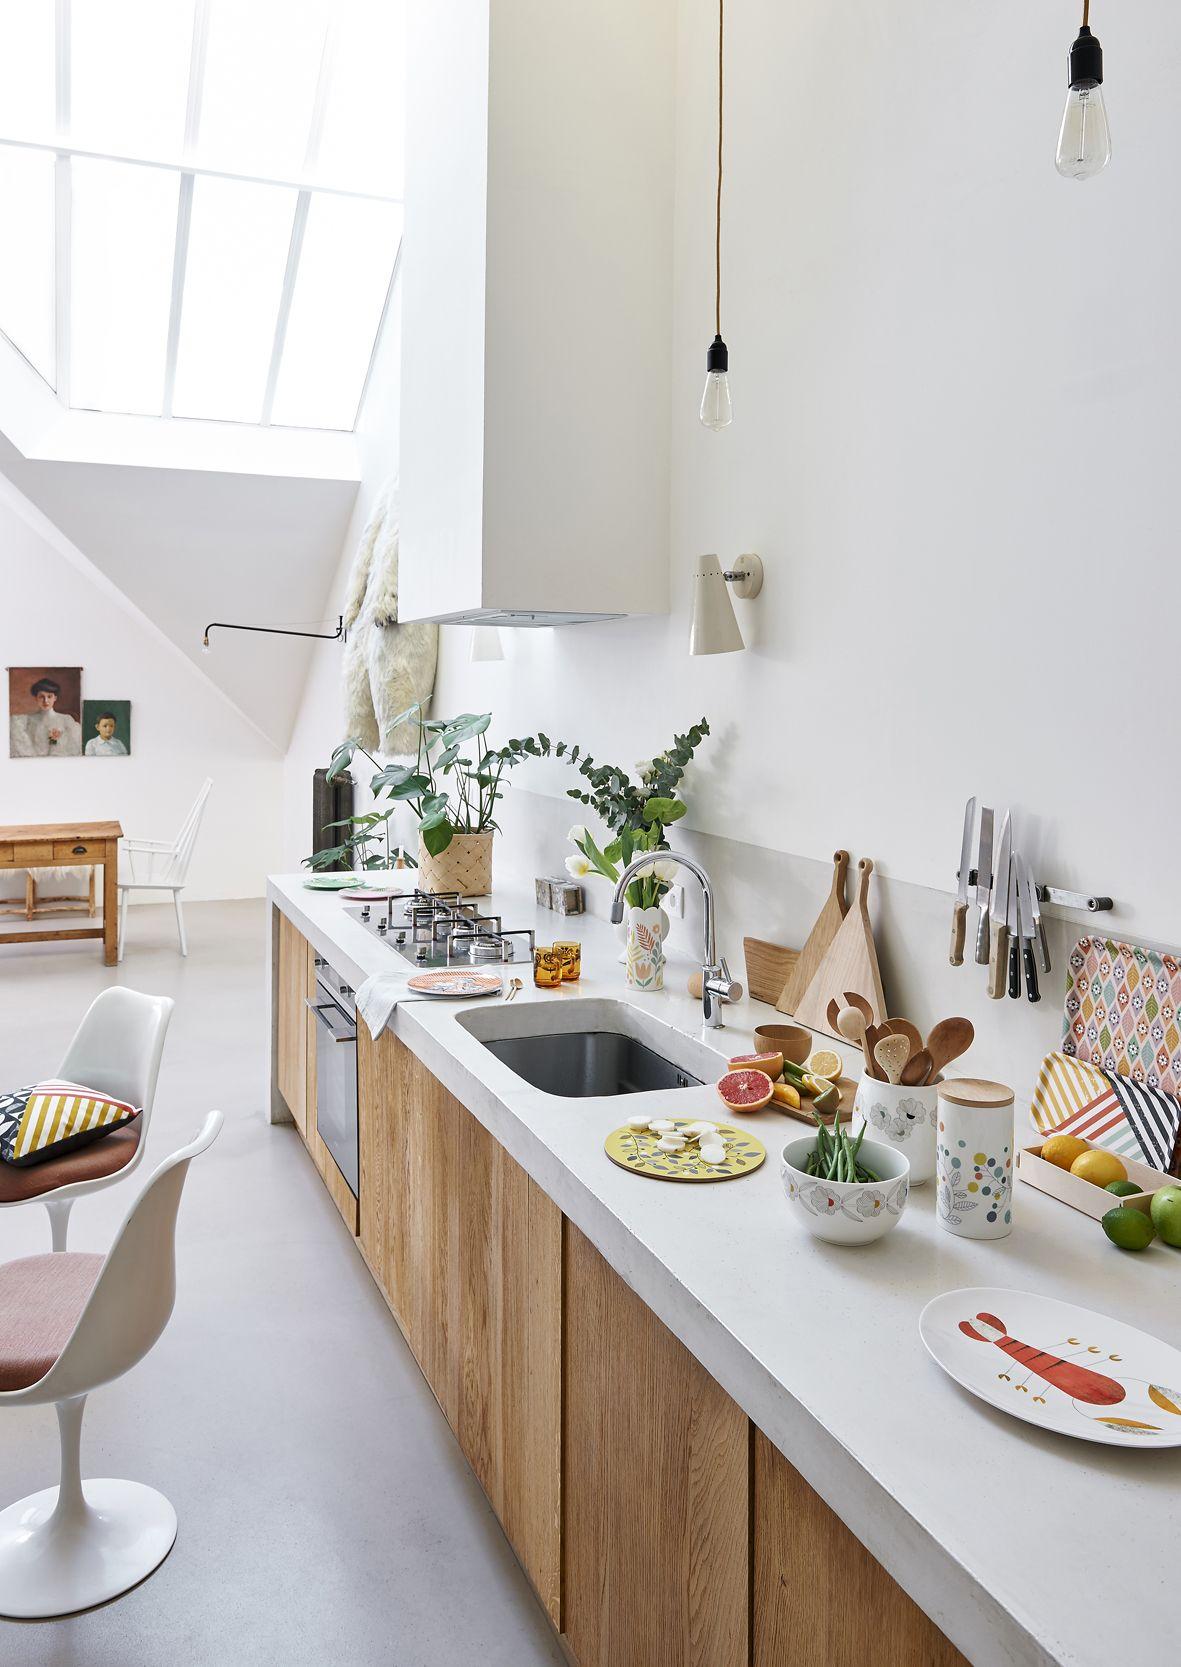 Une Cuisine Tout En Longueur Inspiree De La Tendance Scandinave Cuisine Moderne Interieur De Cuisine Cuisine Longue